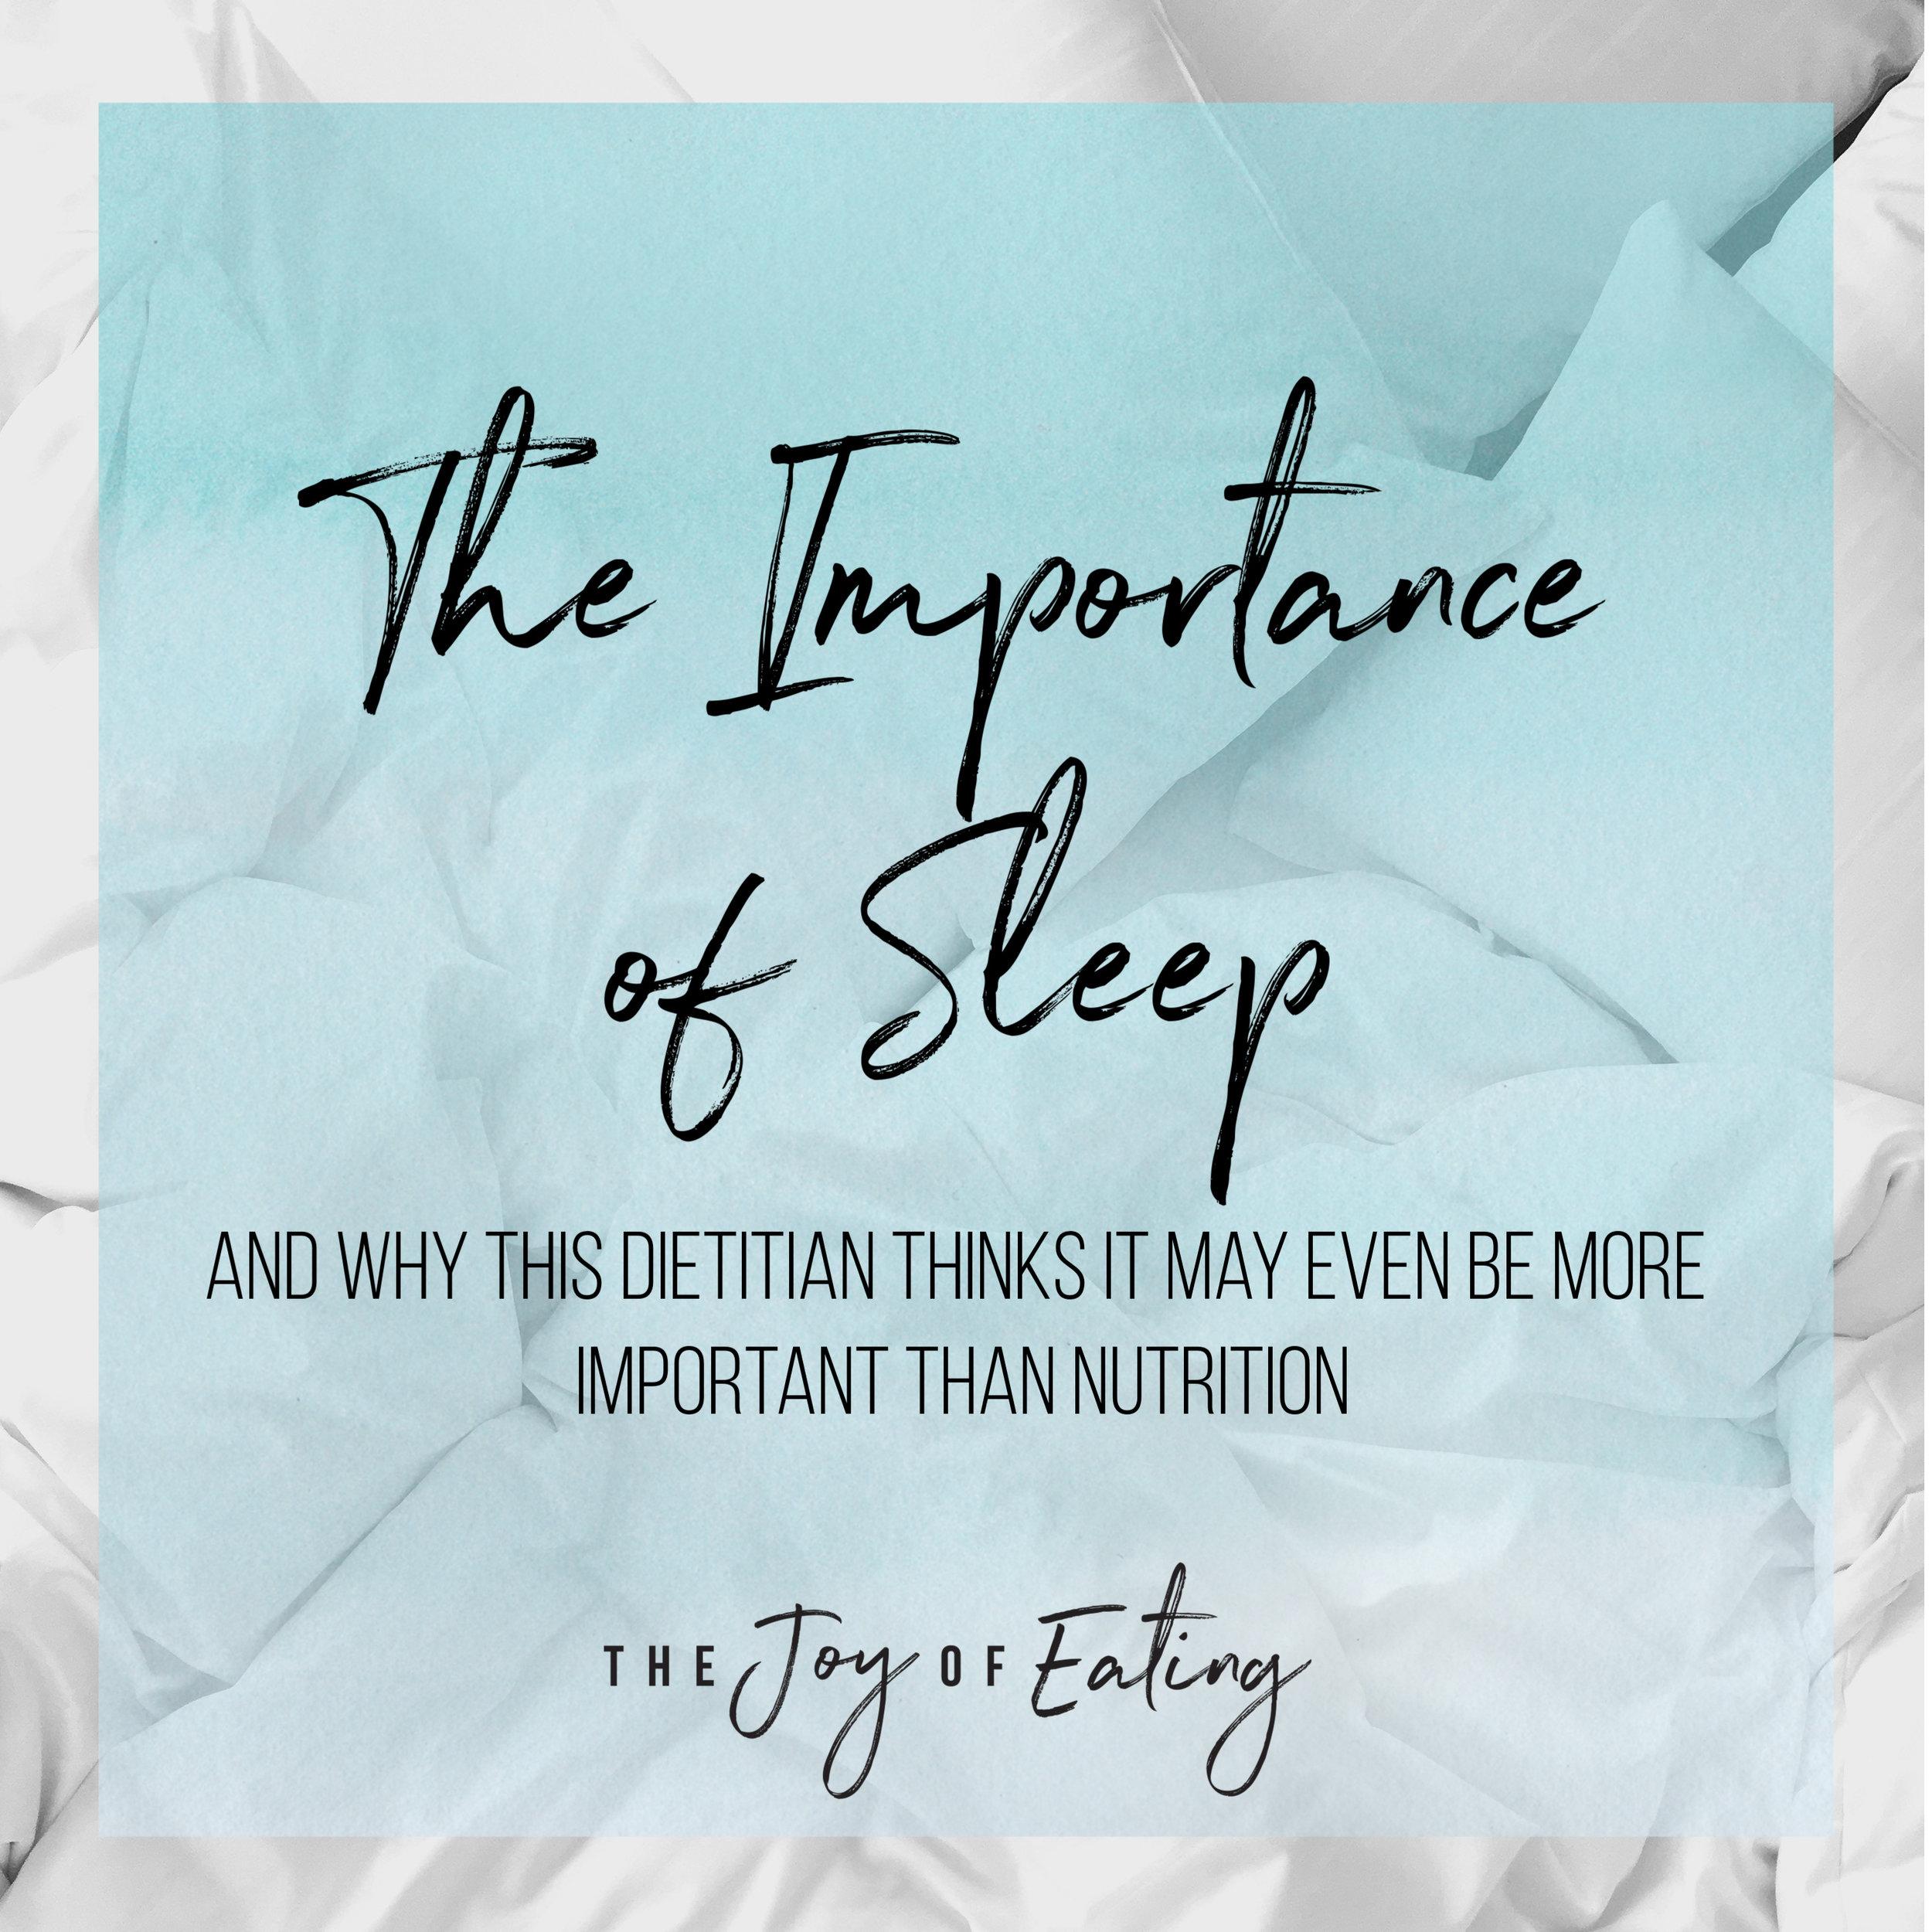 睡眠 的 重要性